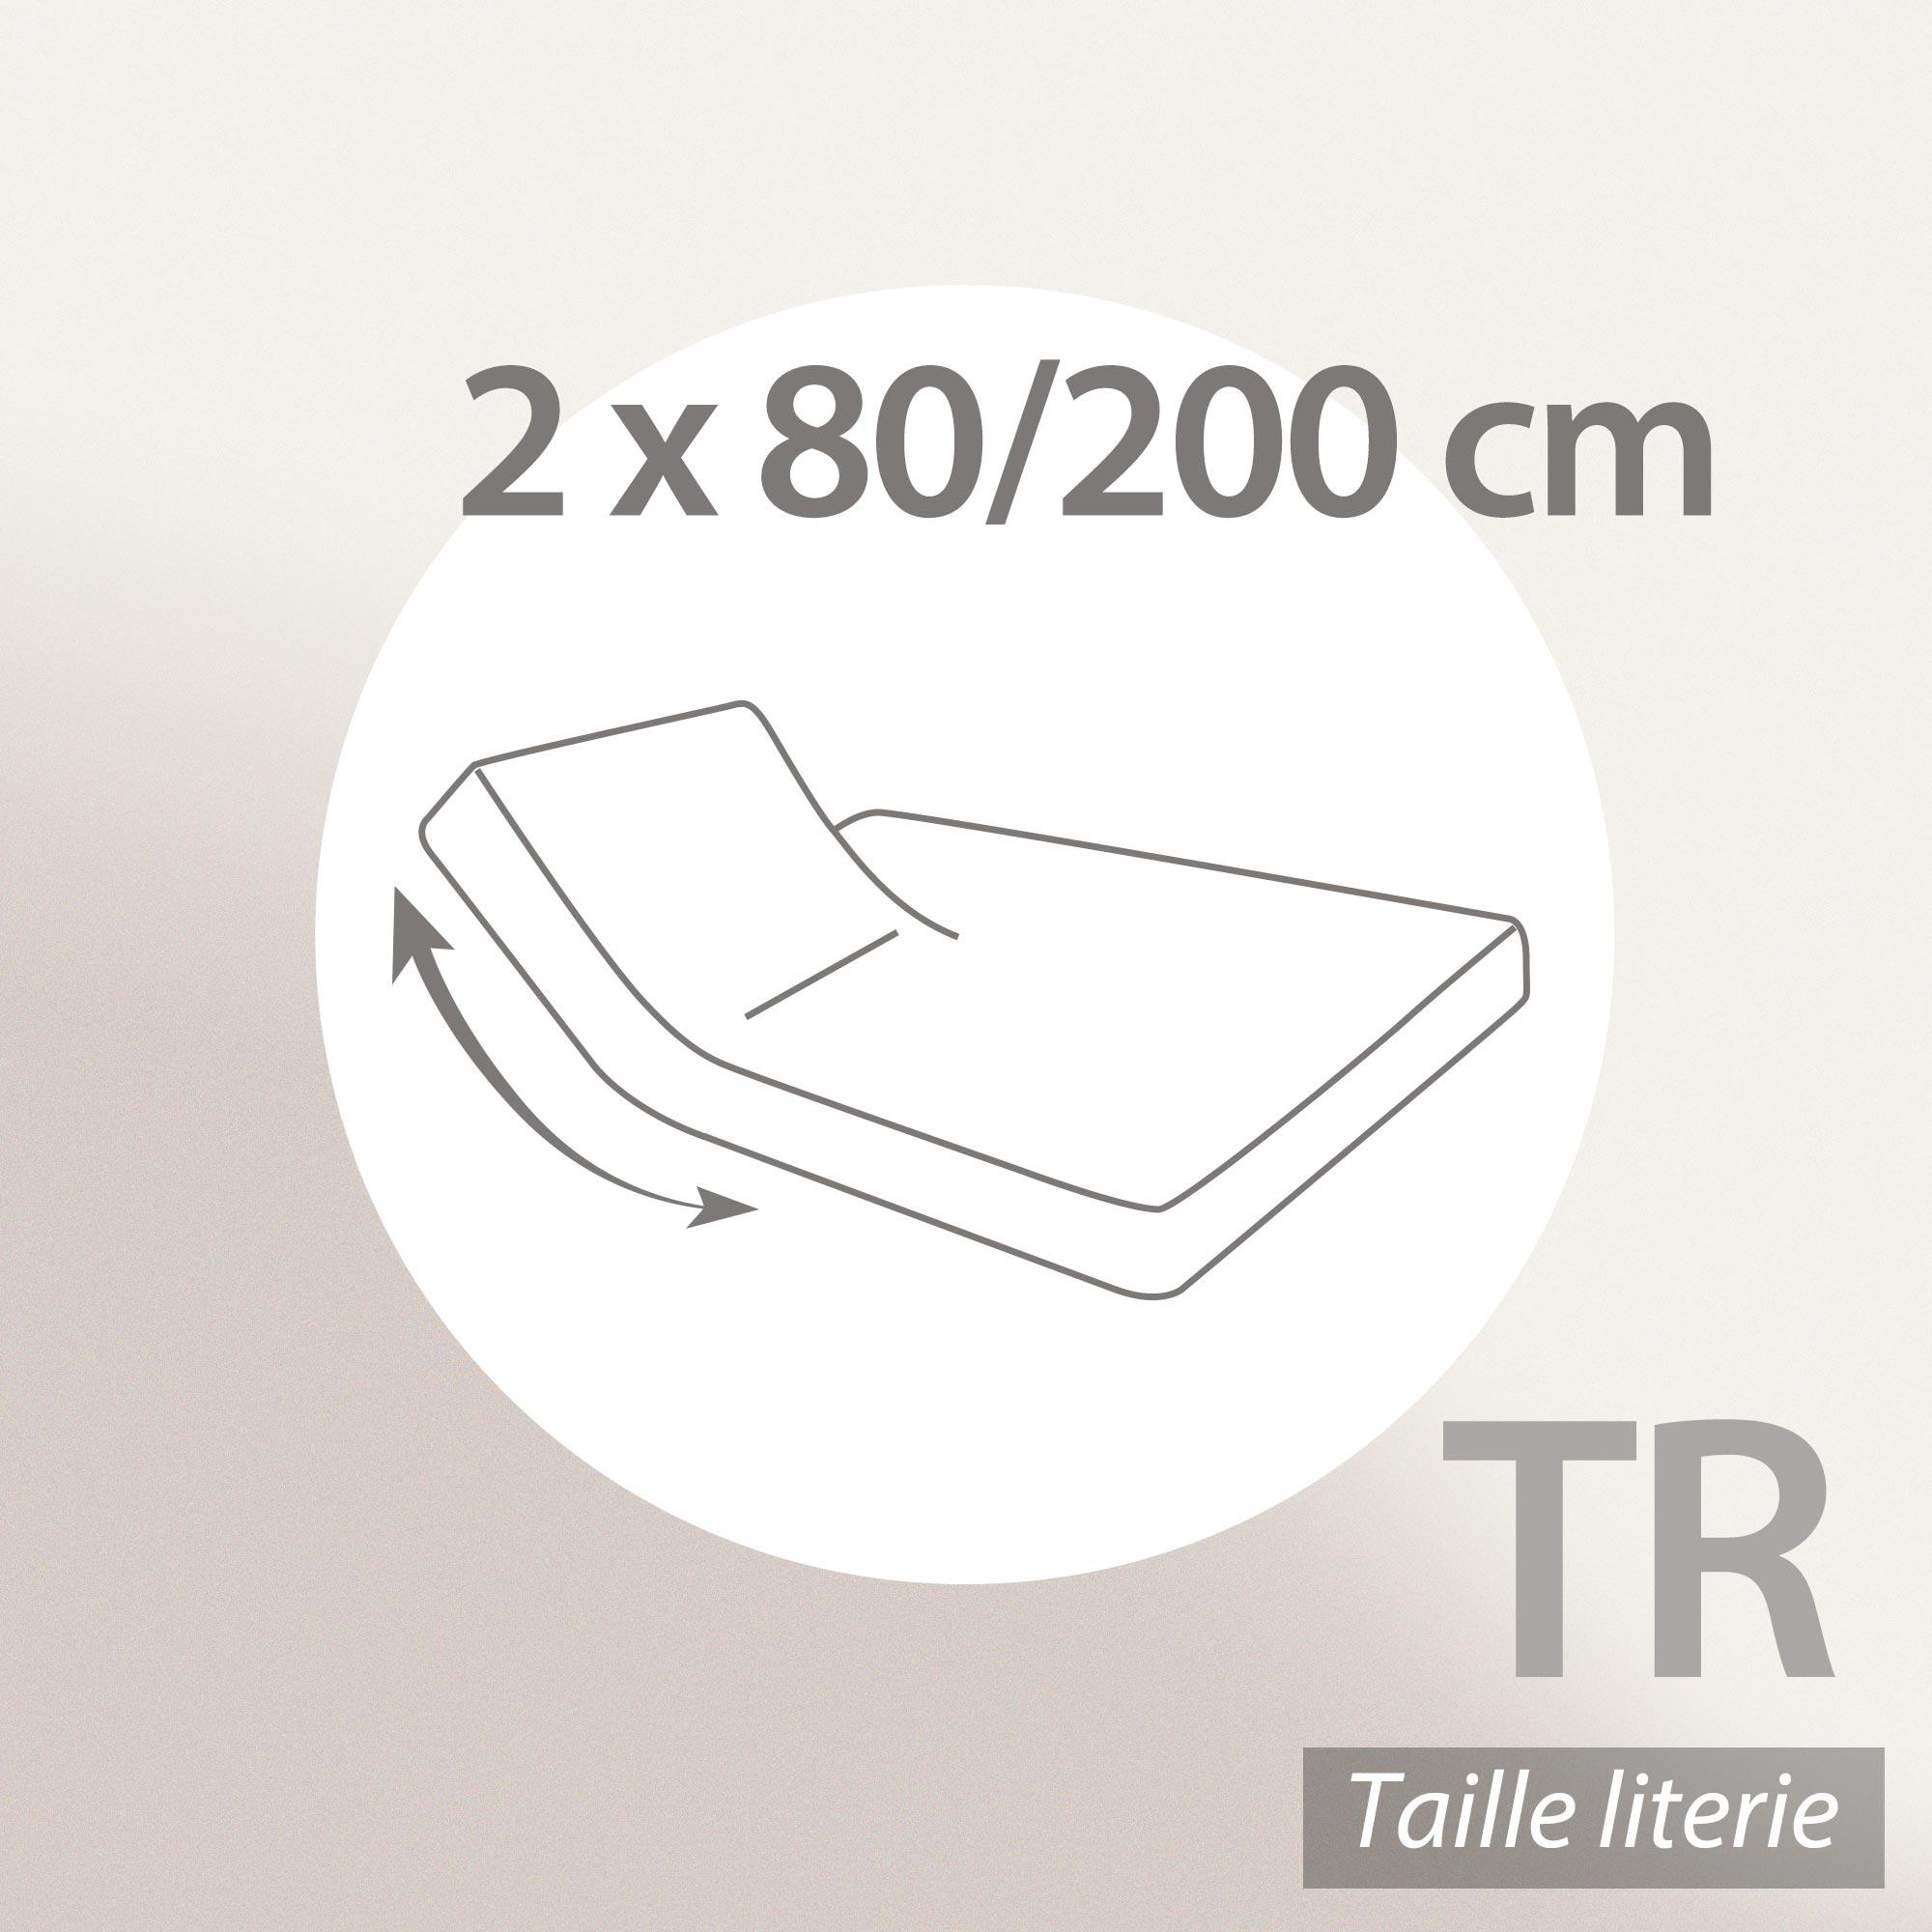 prot ge matelas imperm able 2x80x200 cm lit articul tr bonnet 23cm arnon molleton 100 coton. Black Bedroom Furniture Sets. Home Design Ideas